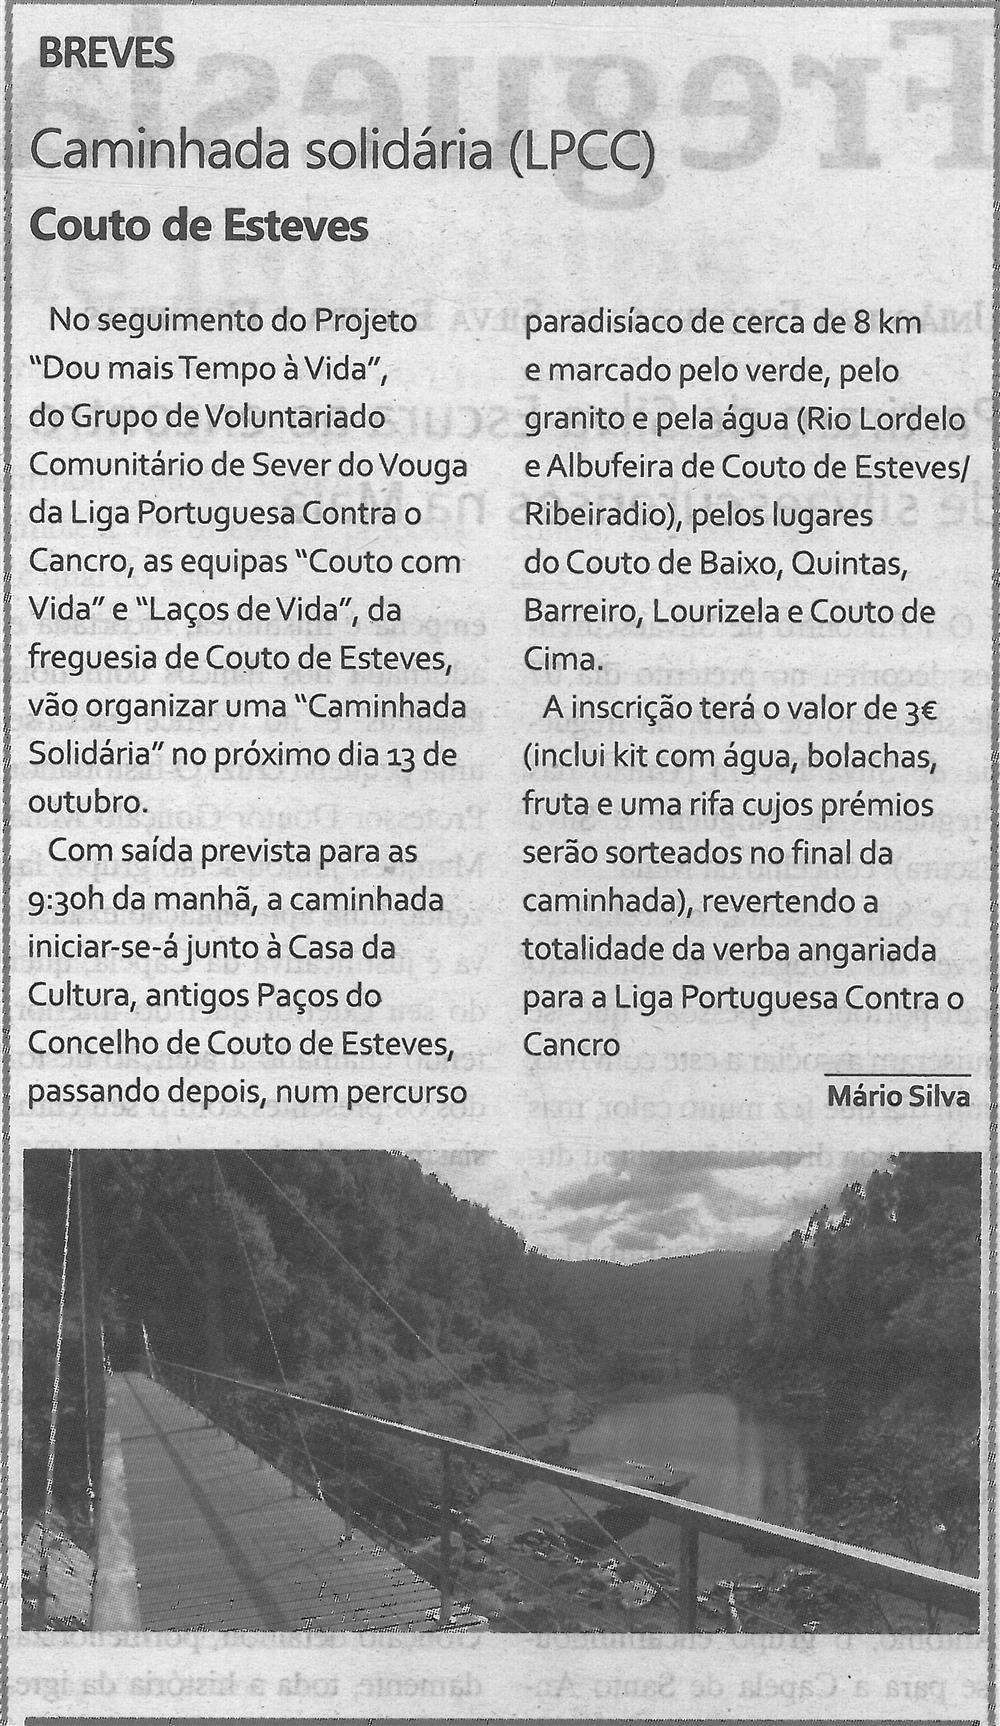 TV-out.'19-p.13-Caminhada solidária, LPCC : Couto de Esteves.jpg